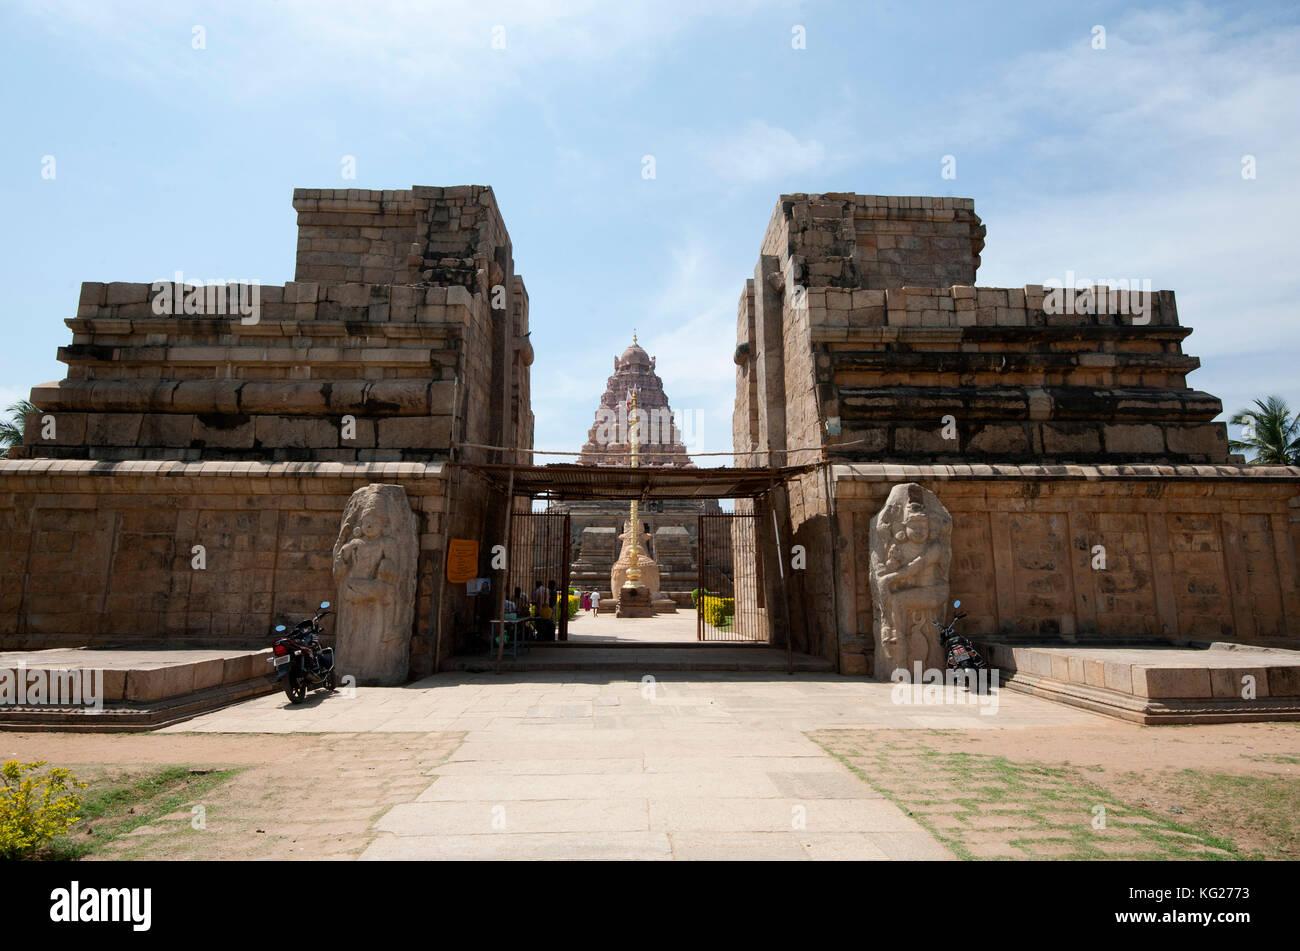 Eingang gangaikonda cholapuram, im 11. Jahrhundert als die Hauptstadt der Chola Dynastie im südlichen Indien, Stockbild